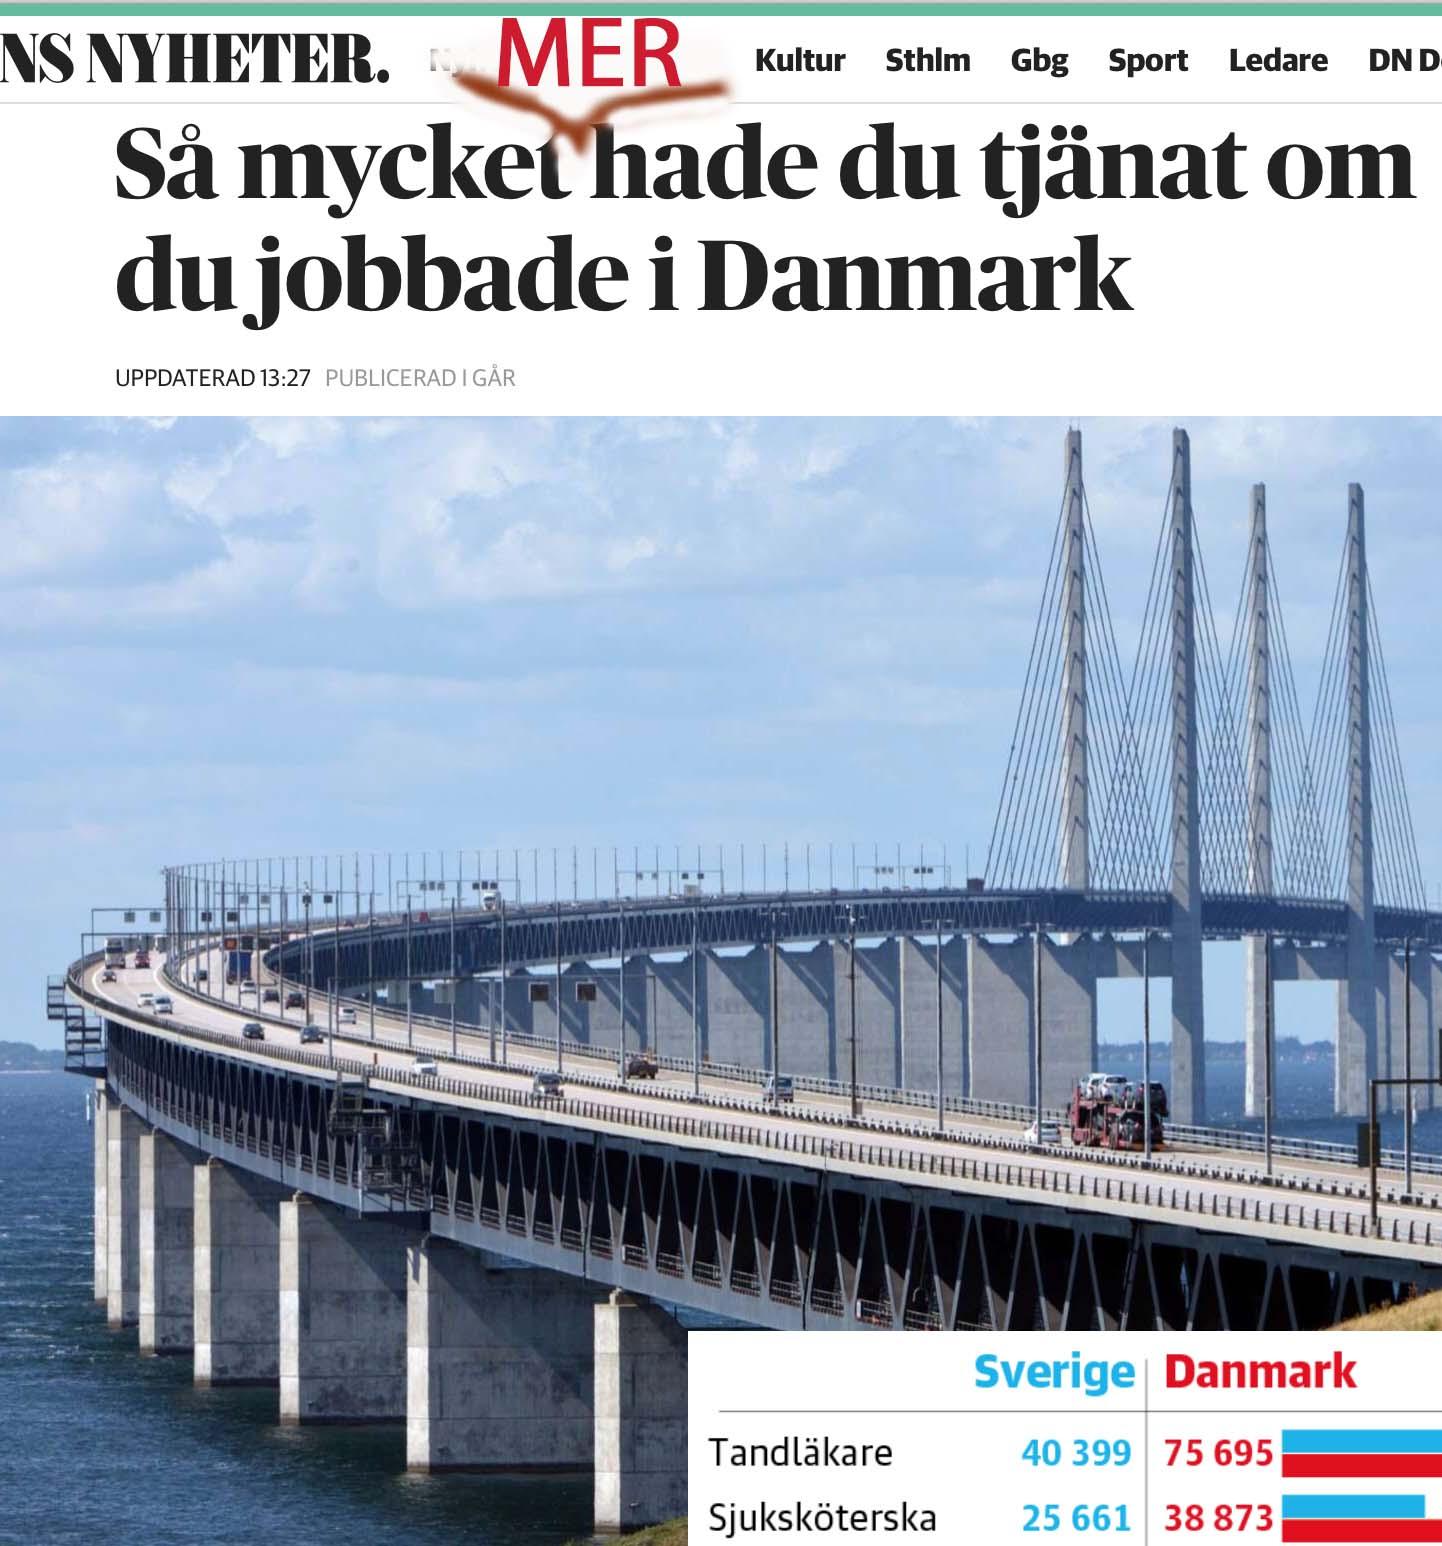 En dansk sjuksköterska tjänar idag mer än en svensk civilingenjör.